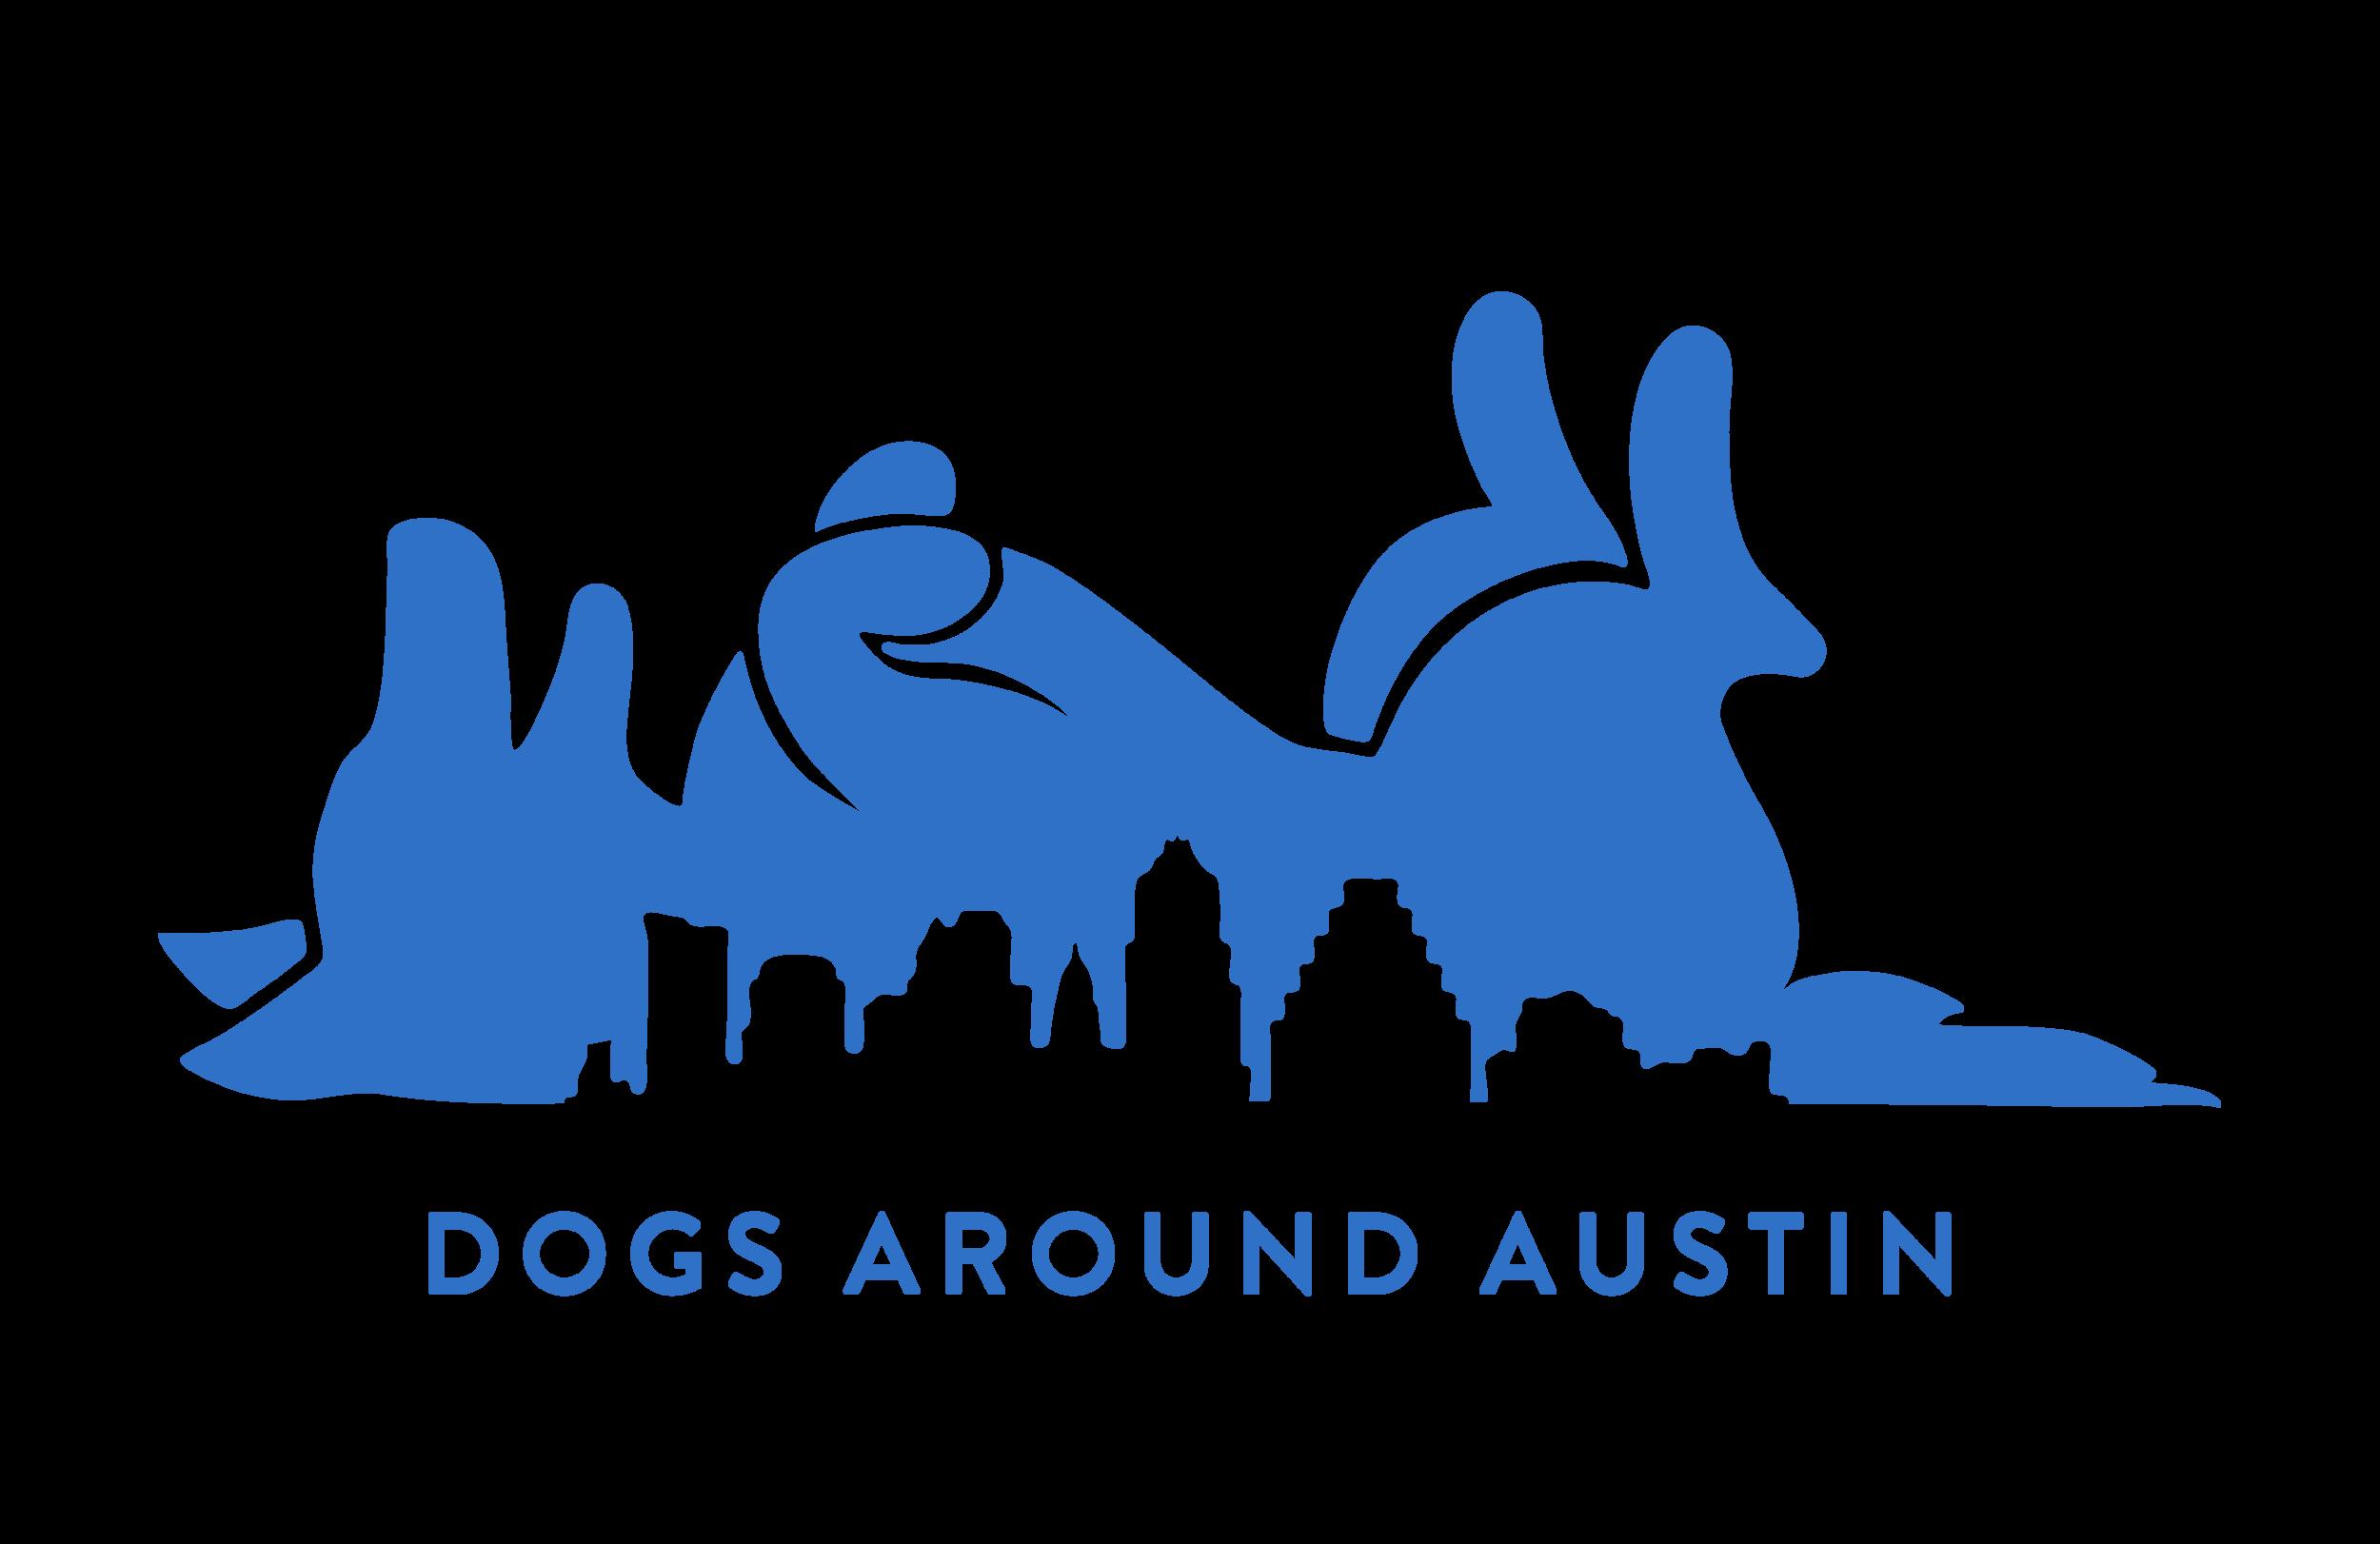 logo_bluetextPNG.png